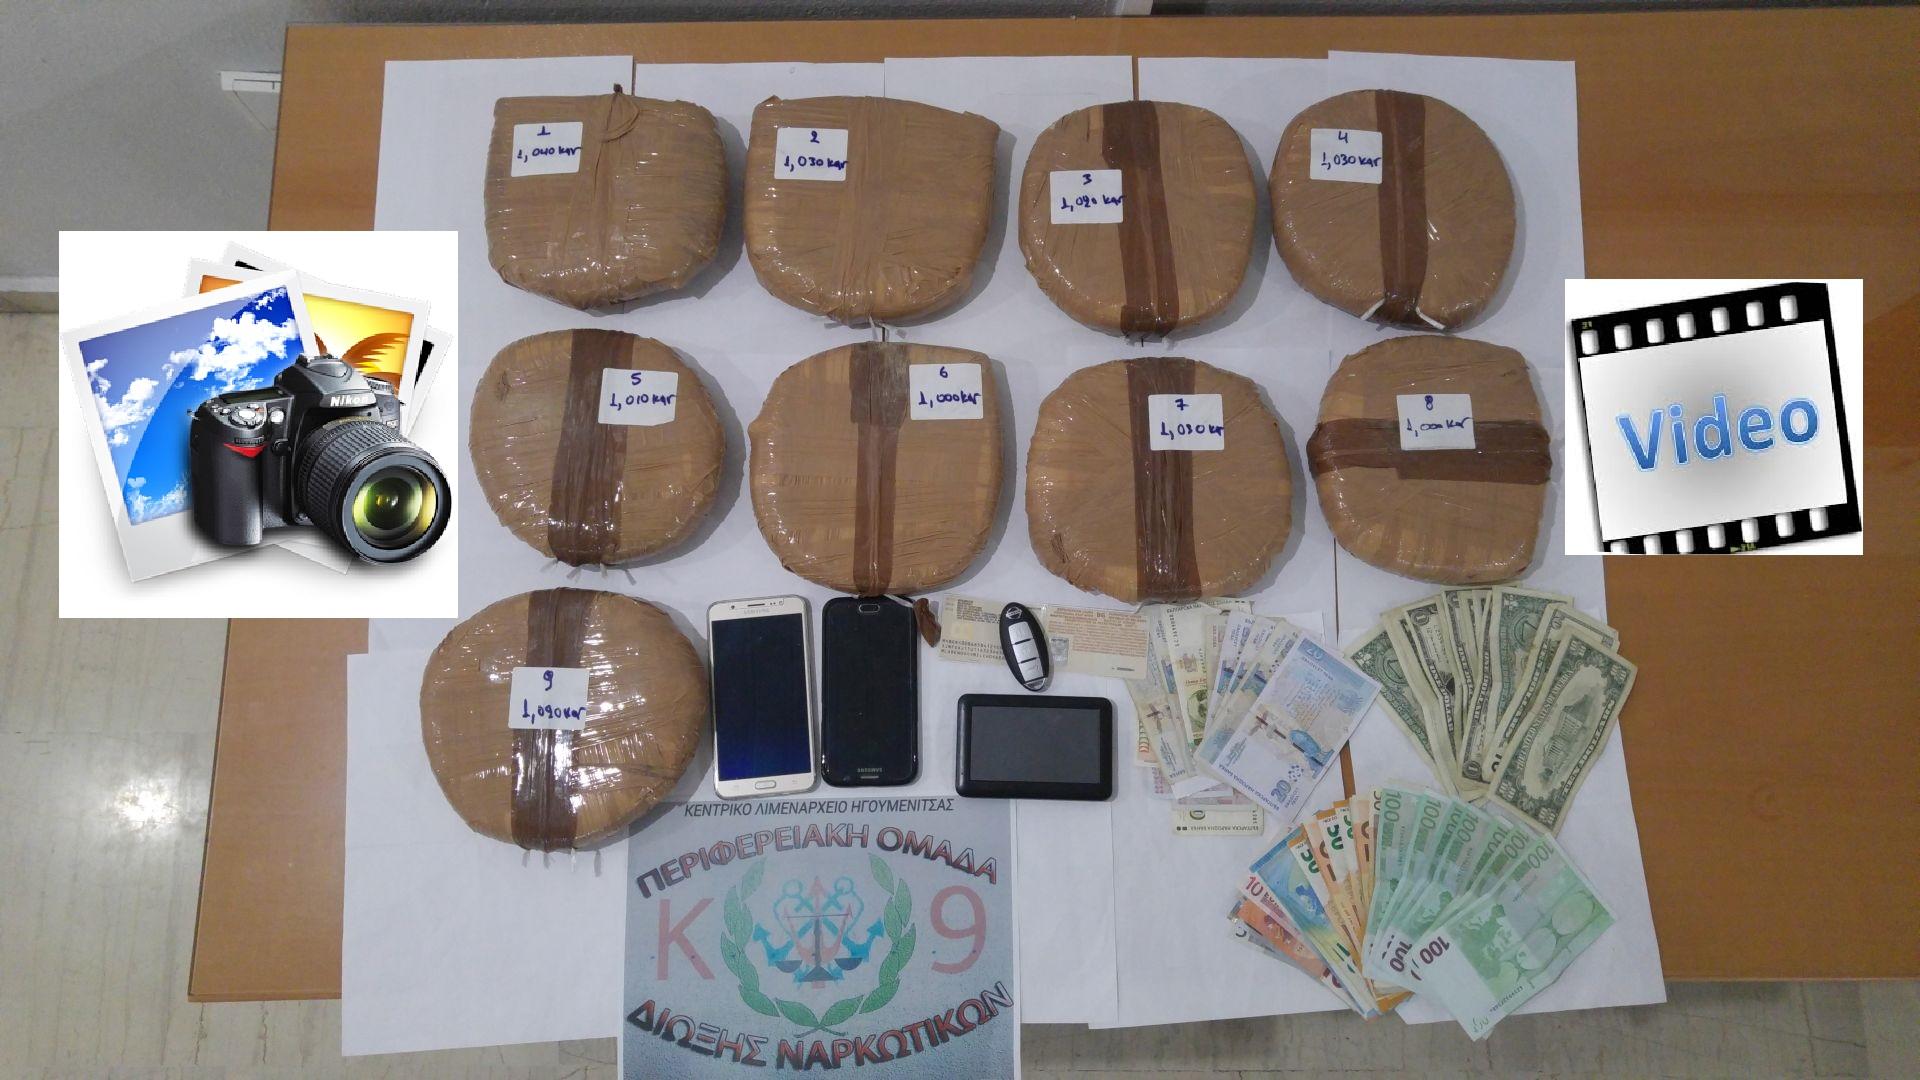 Σύλληψη  αλλοδαπών για κατοχή 9,180 kg ηρωίνης στην Ηγουμενίτσα